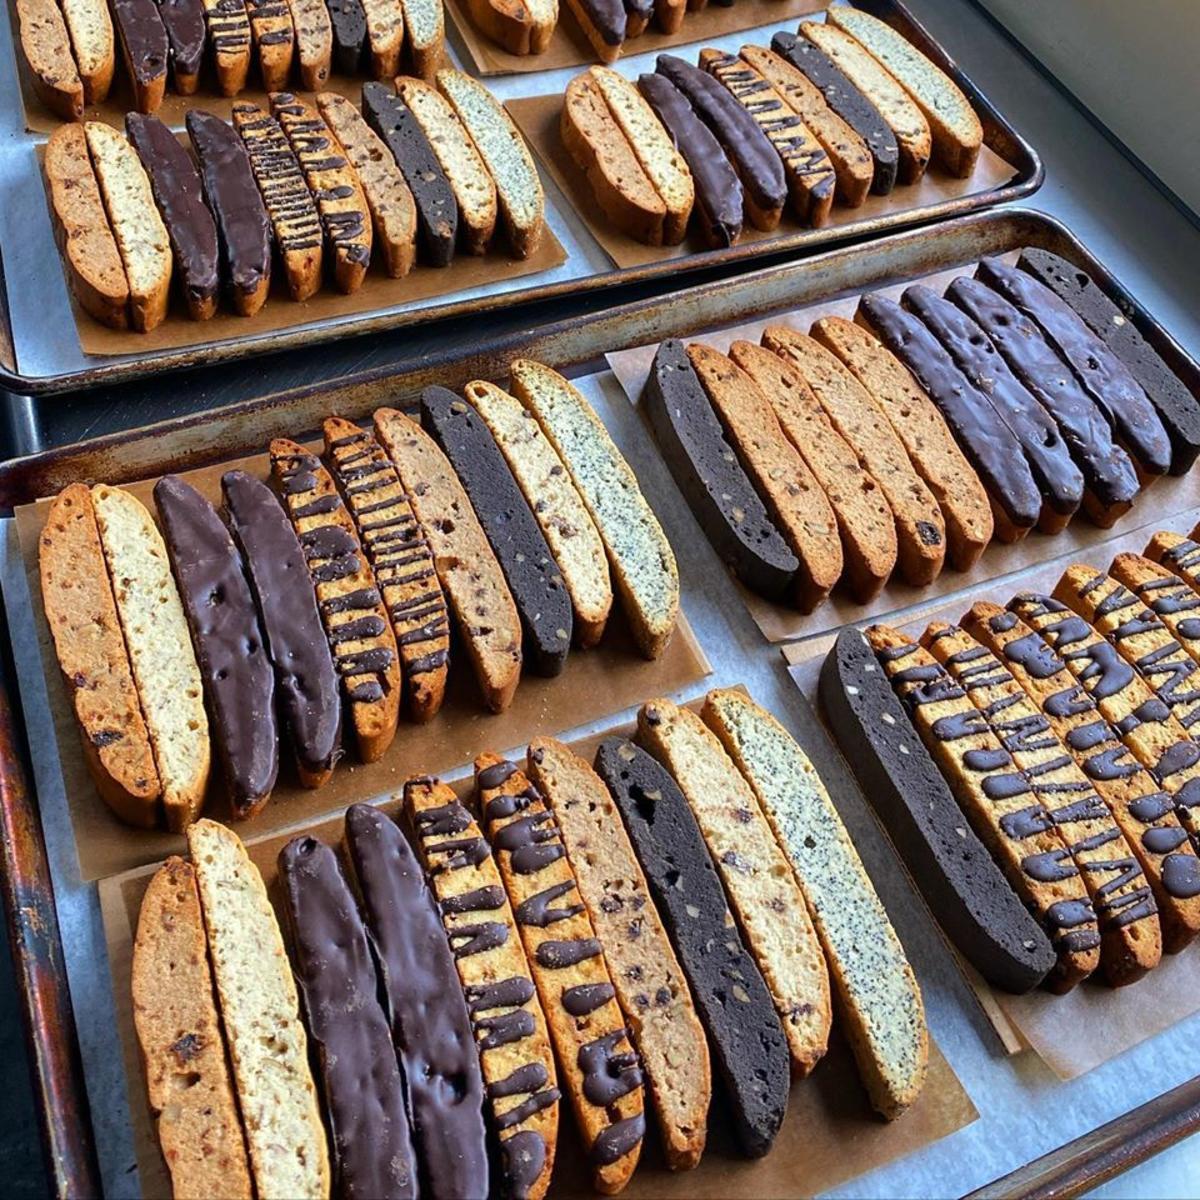 Biscotti stand